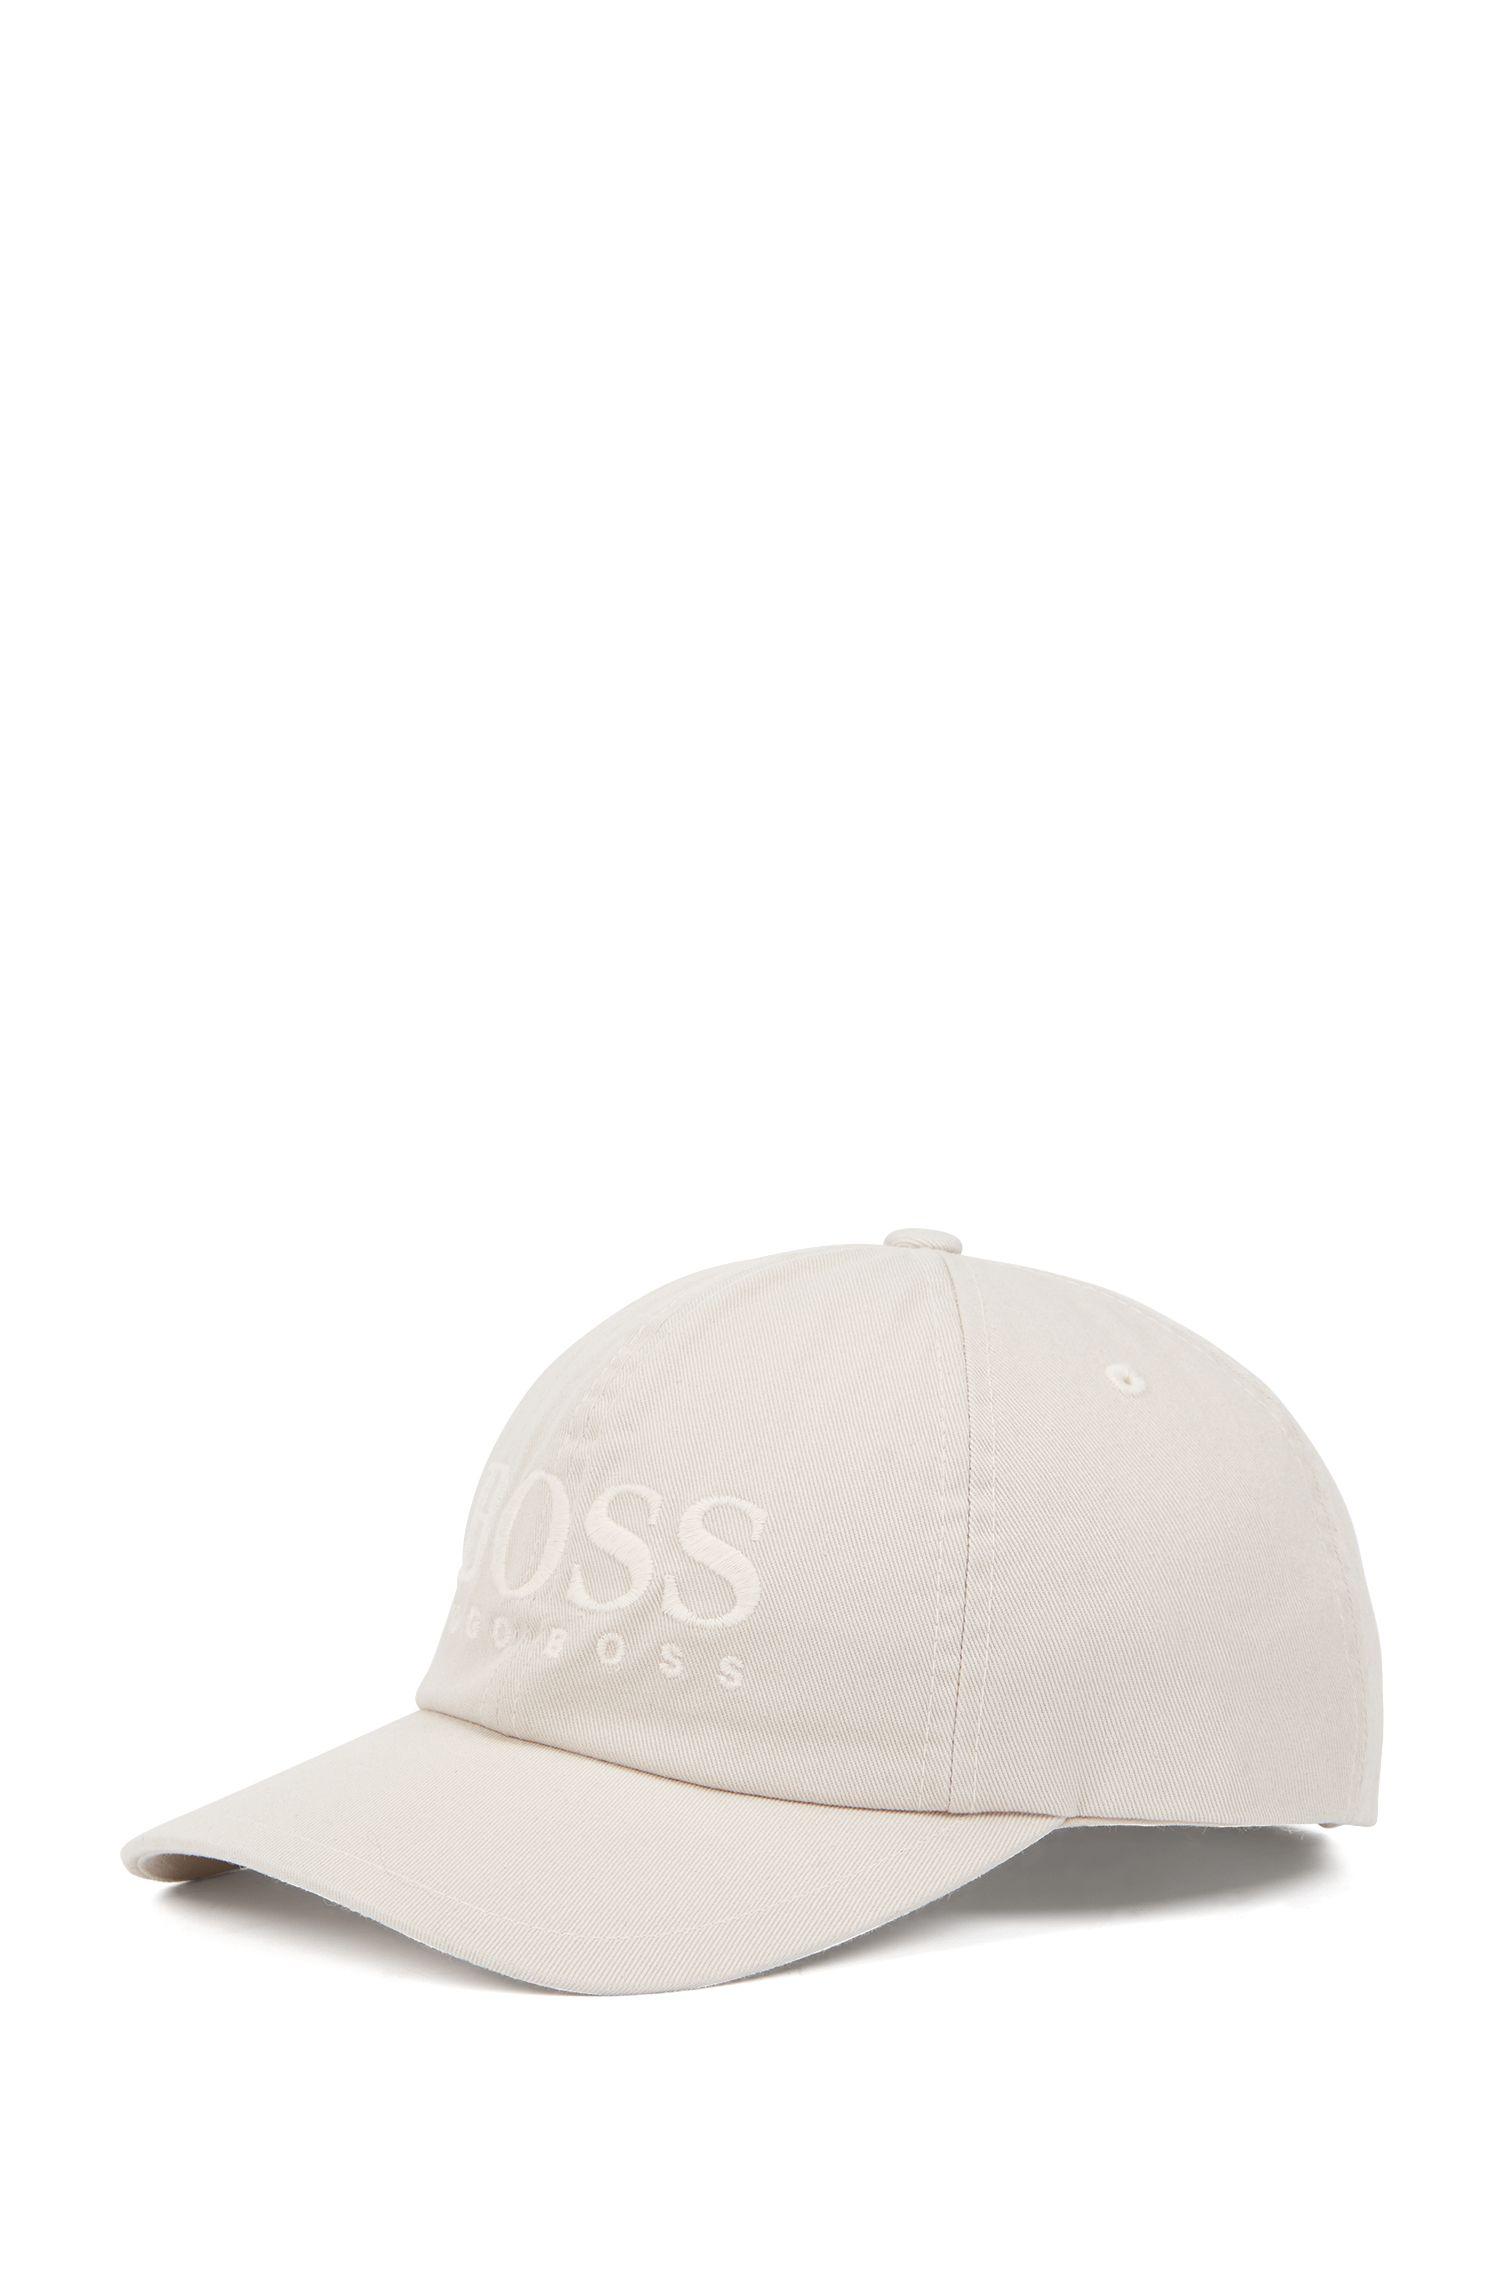 Gorra de béisbol en sarga de algodón con logo, Gris claro